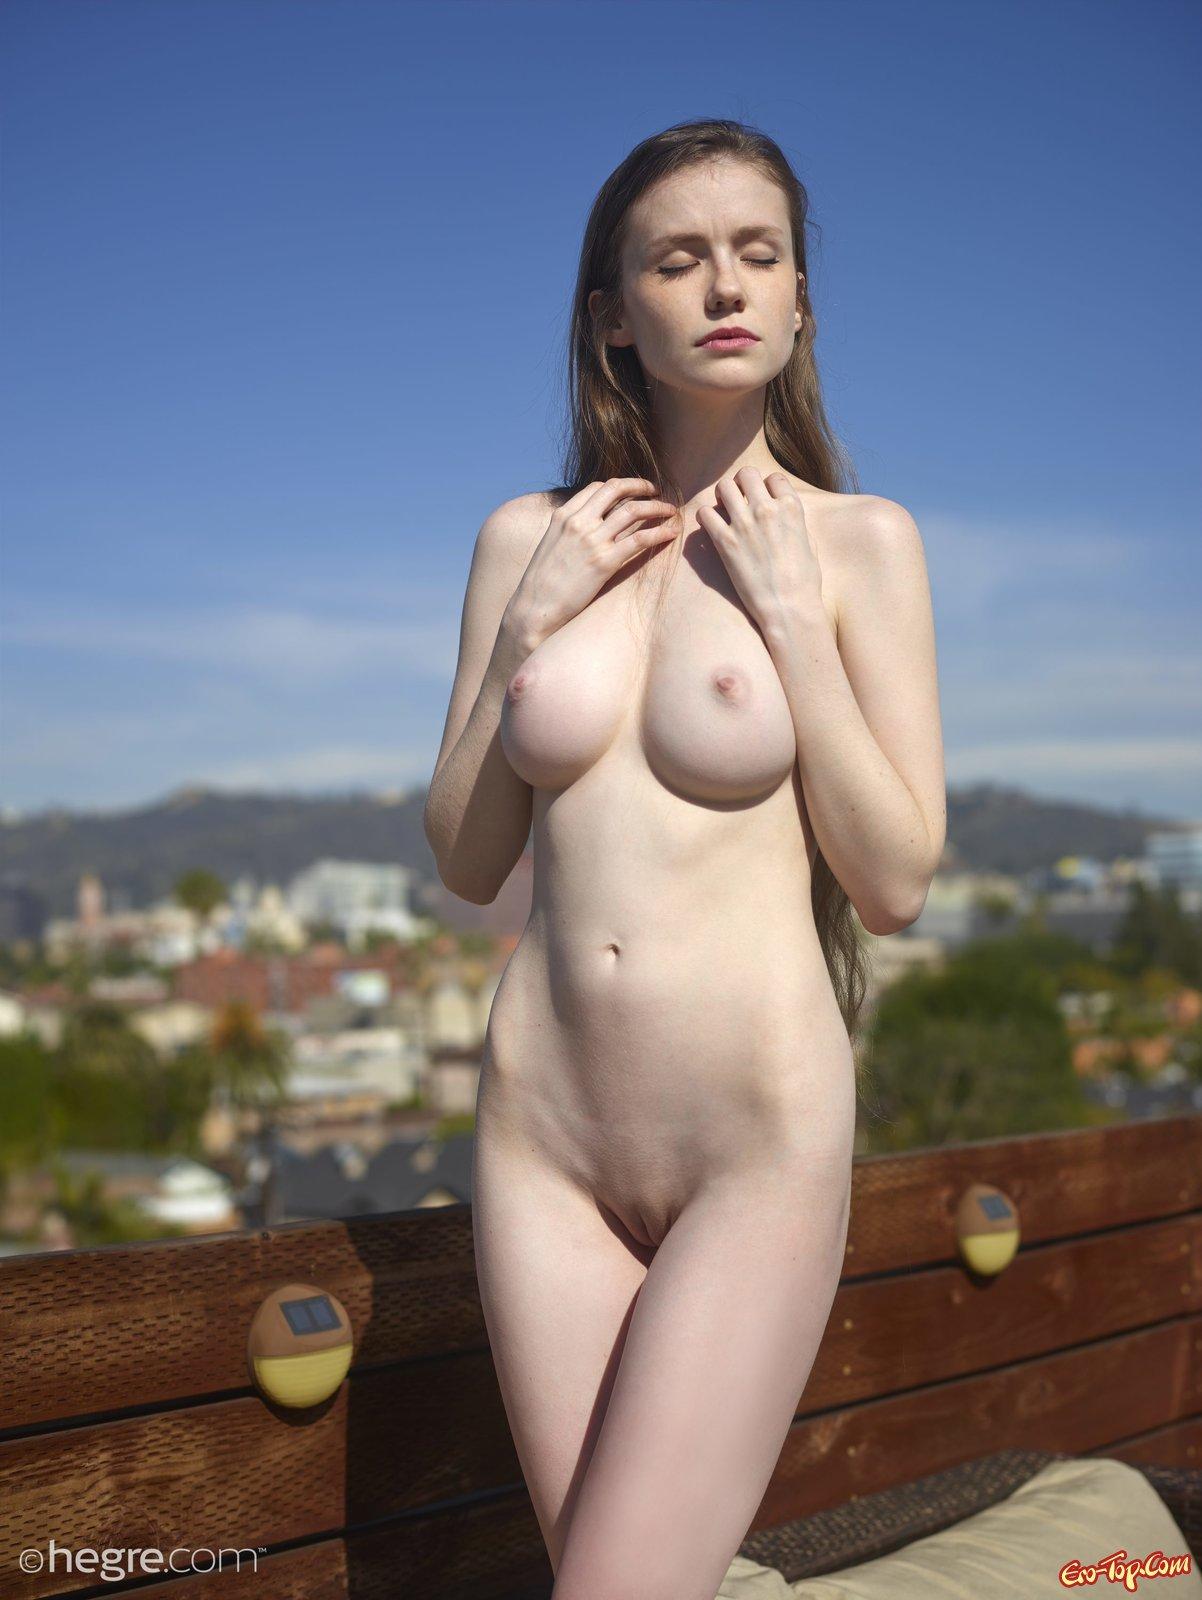 Стройная девушка позирует голой на крыше